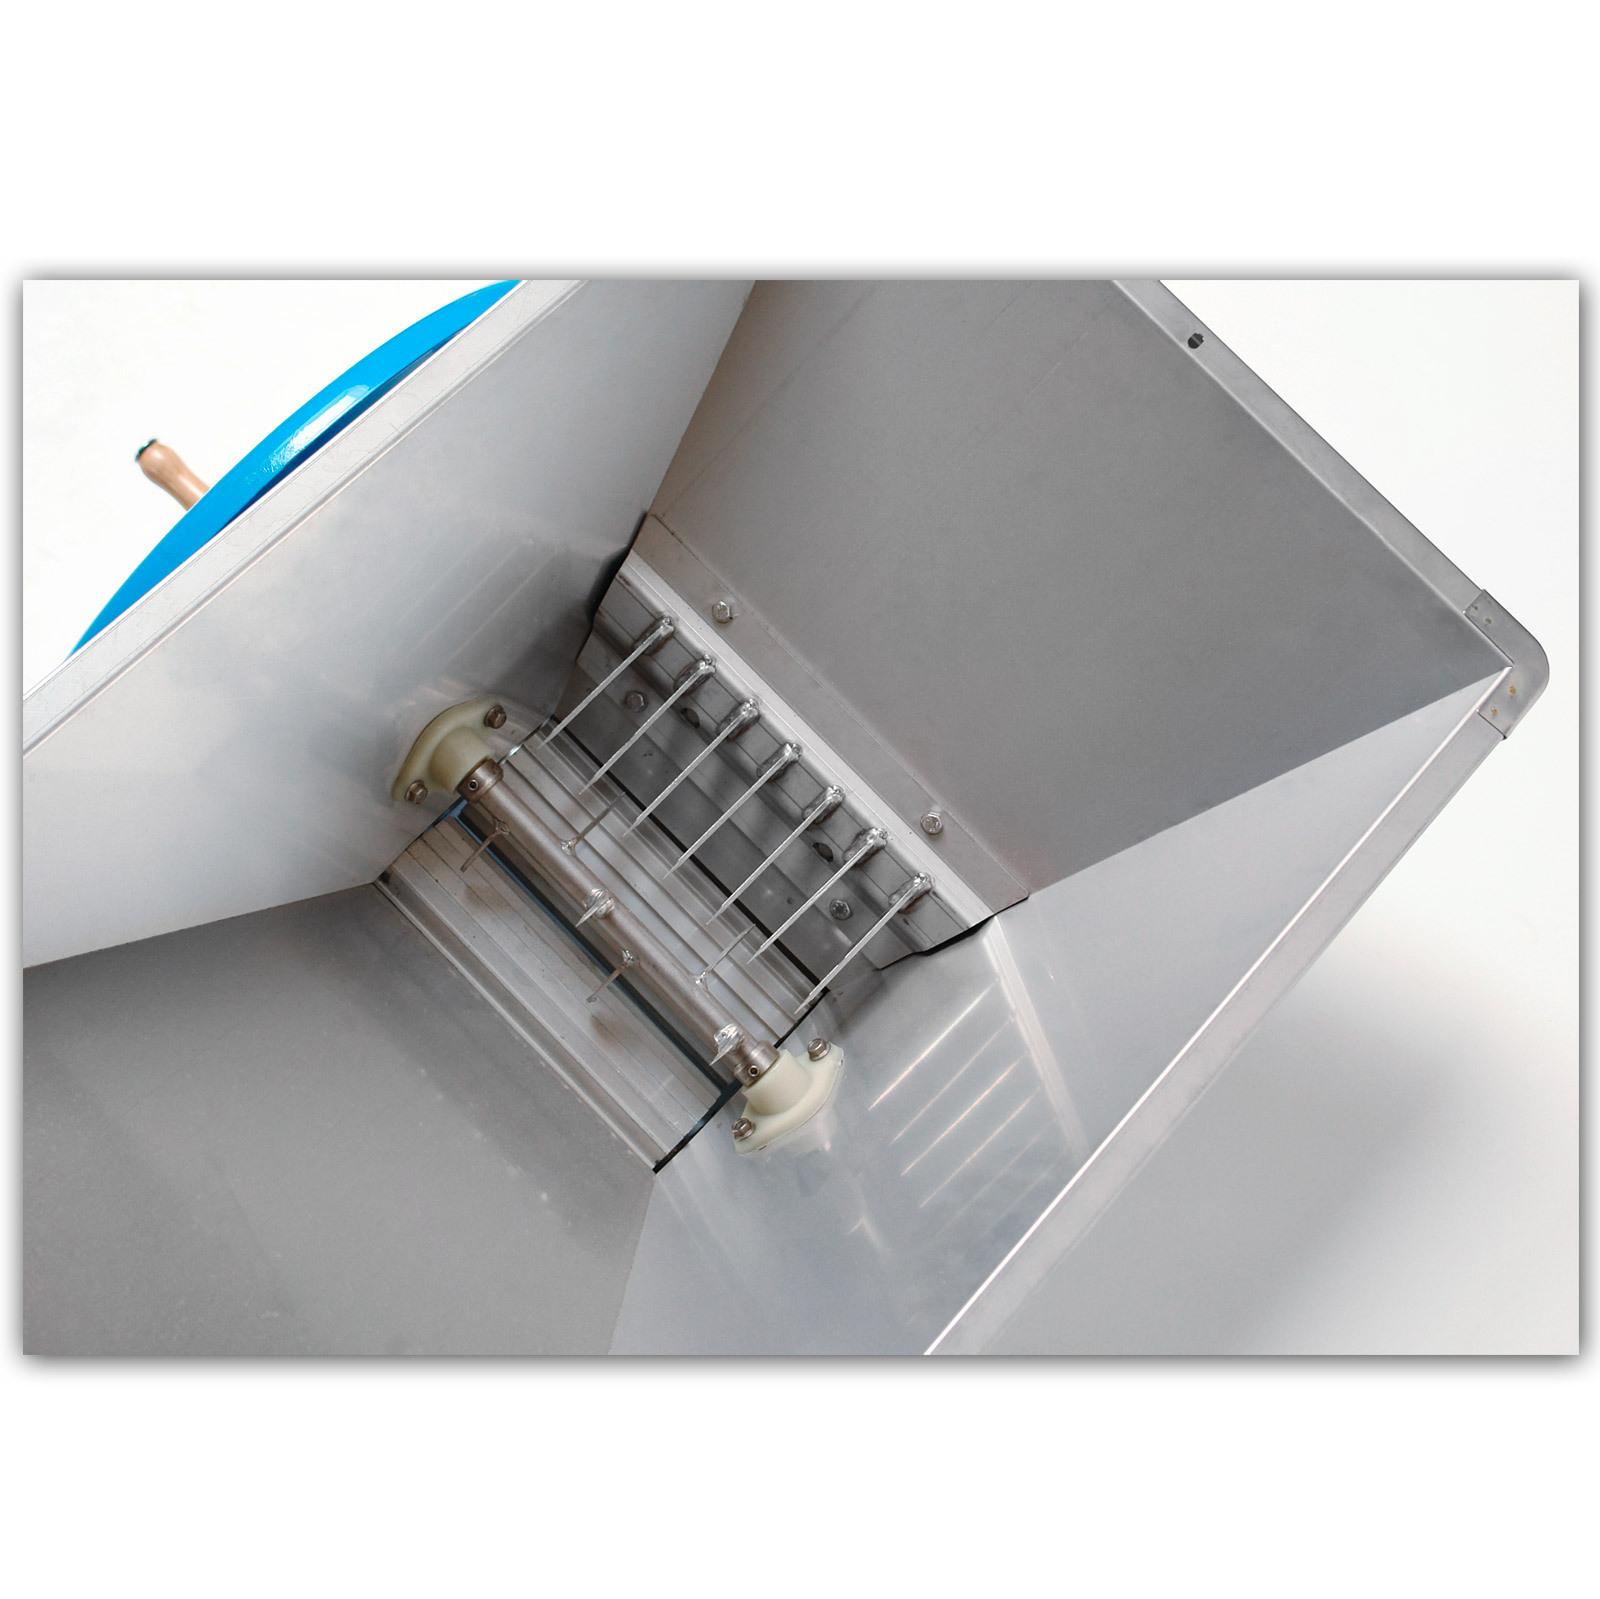 edelstahl obstm hle obstpresse saftpresse m hle presse 45 liter 50x75 4031765300131 ebay. Black Bedroom Furniture Sets. Home Design Ideas